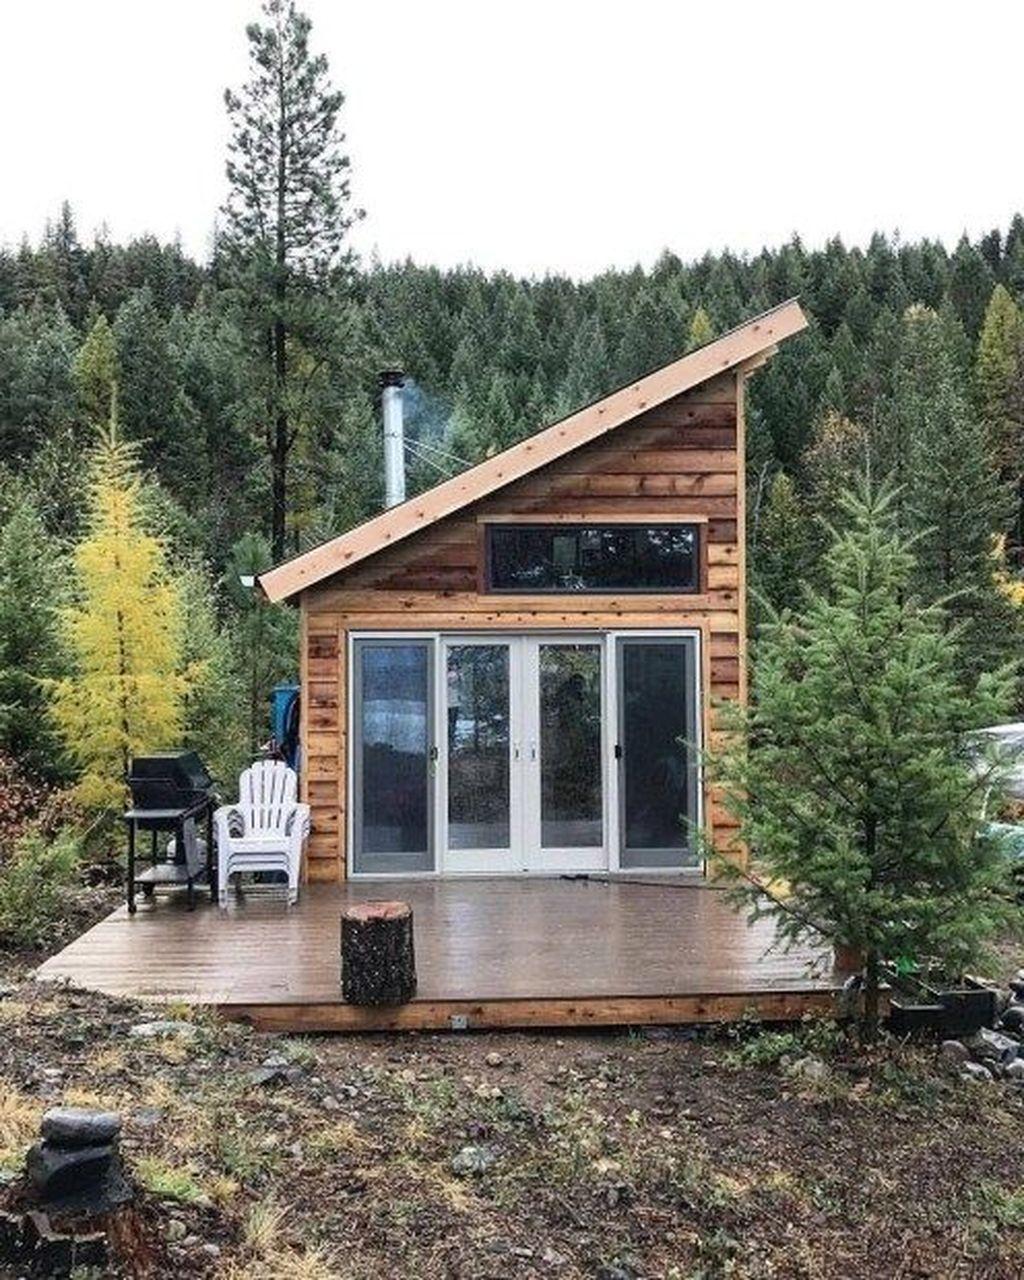 32 Amazing Cozy Tiny House Design Ideas